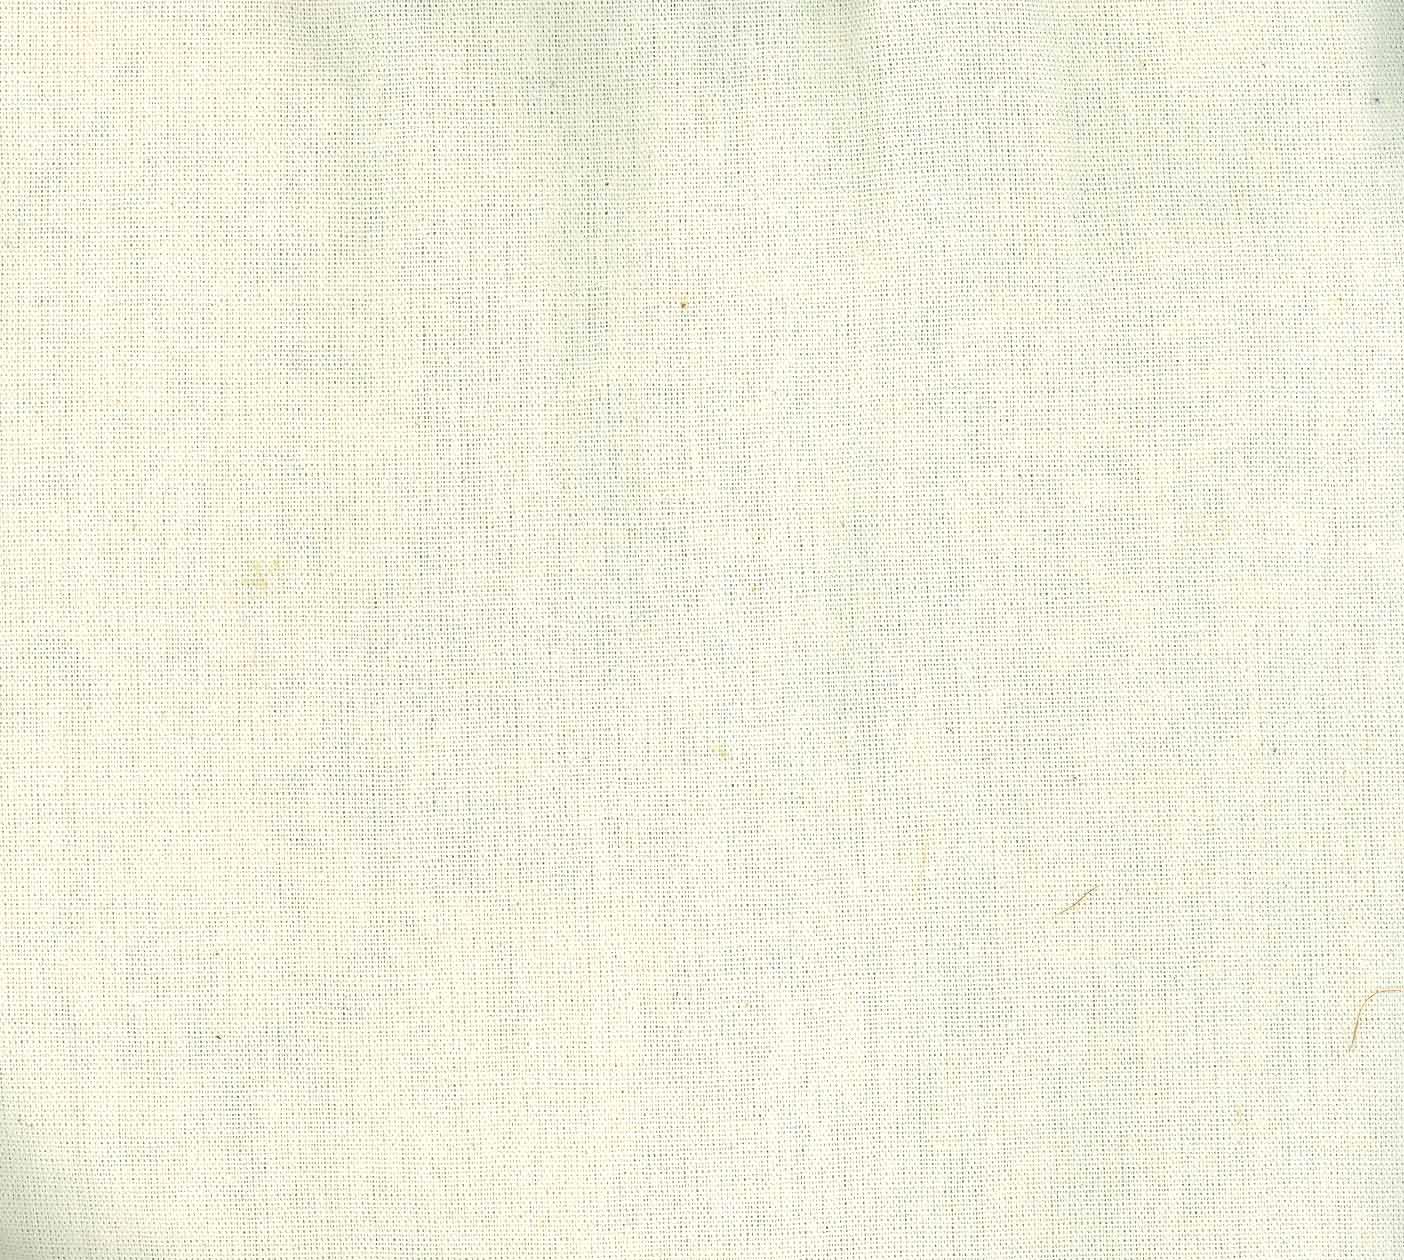 کیف پارچه ای کوچک 23*26 (برگ انجیری،730)